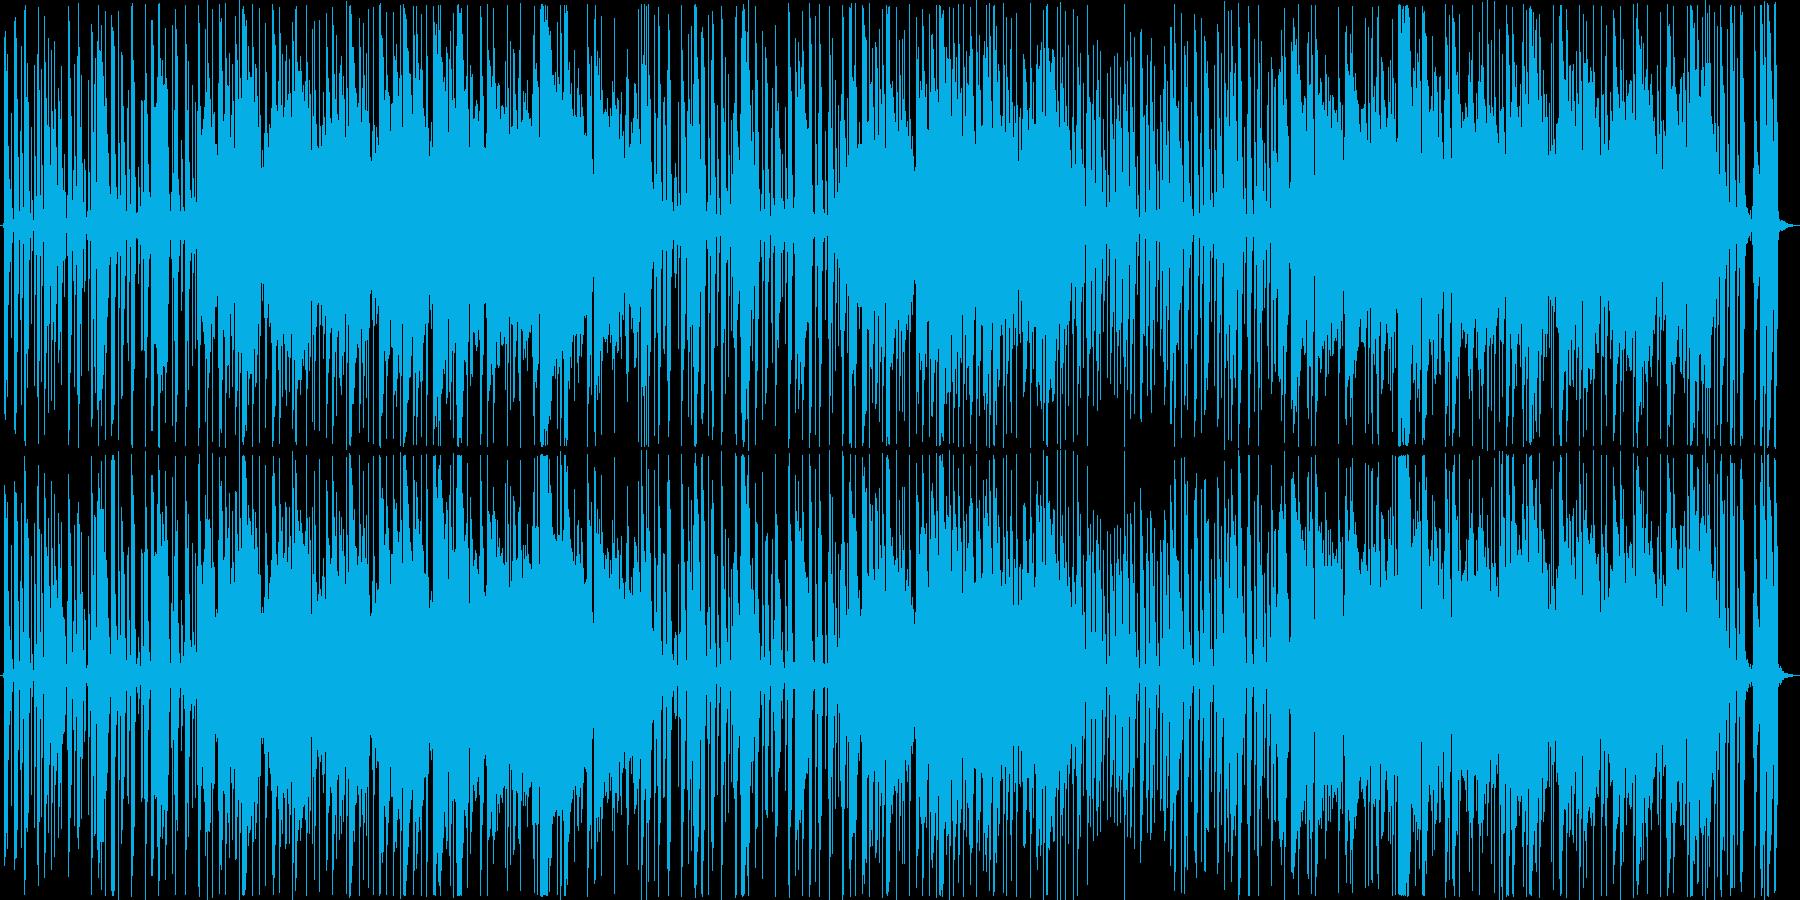 クールで落ち着いたジャズ風モダンサウンドの再生済みの波形